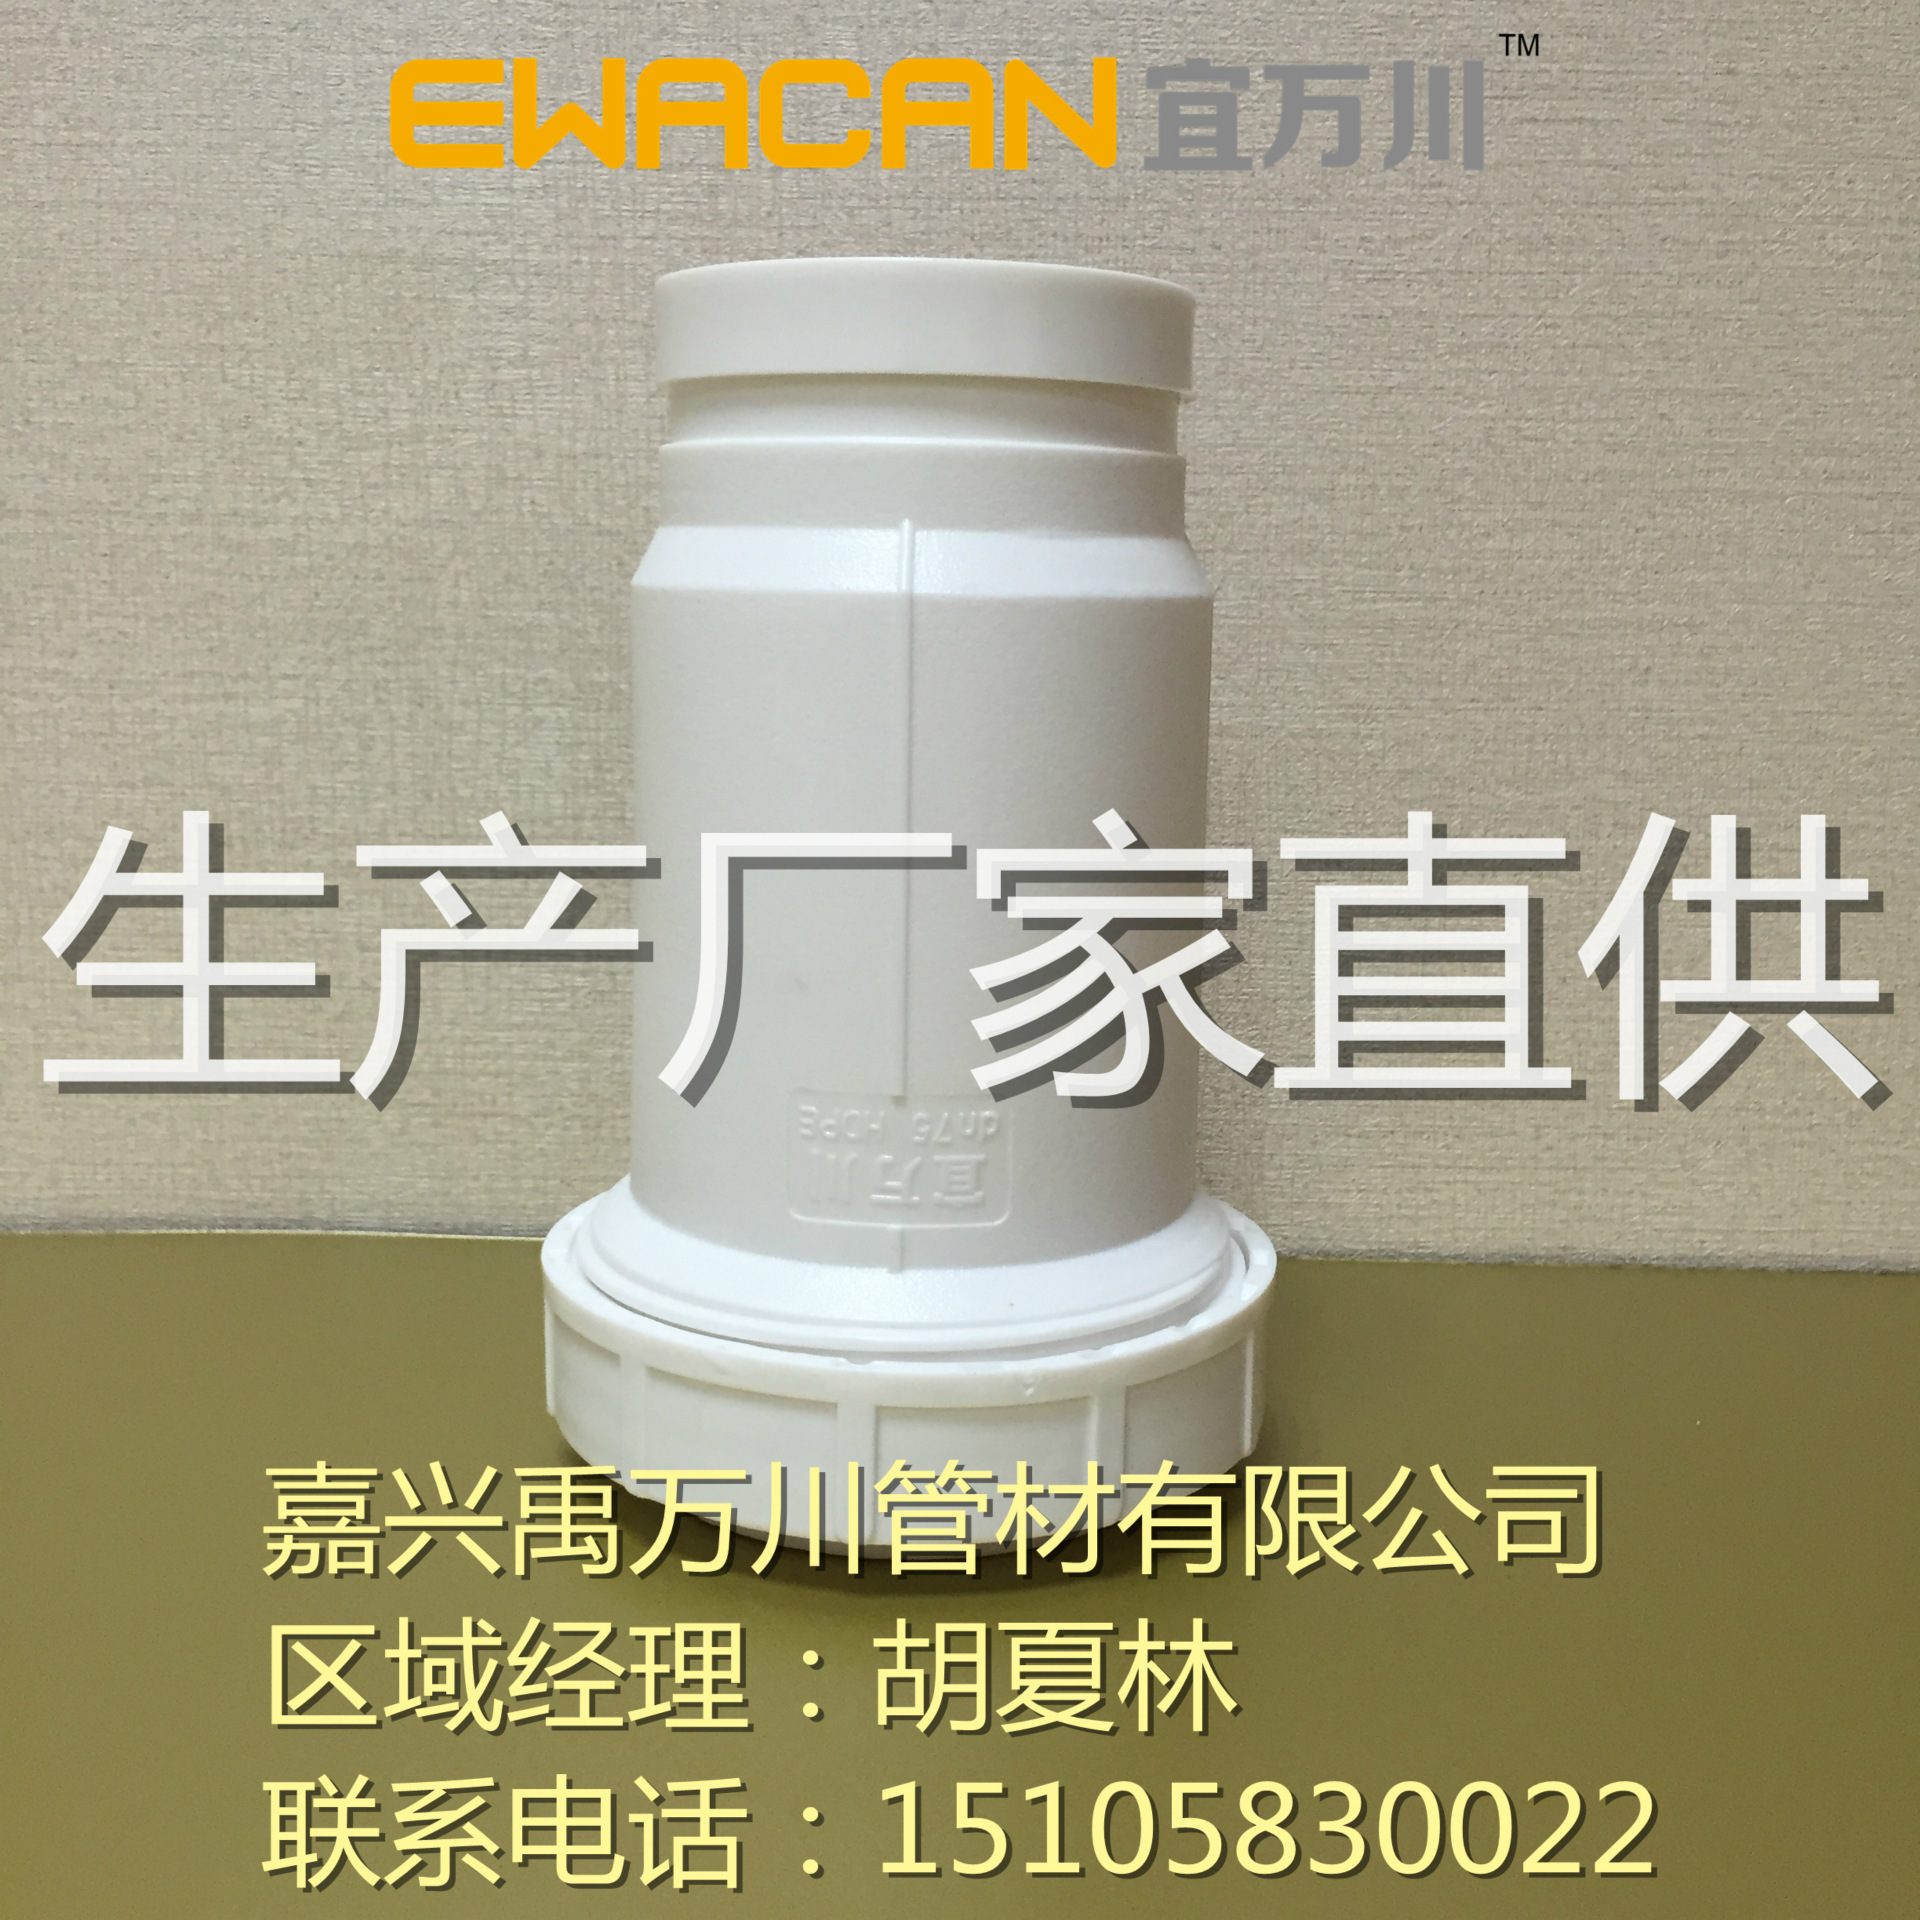 沟槽式HDPE超静音排水管,沟槽式伸缩节,HDPE沟槽管,宜万川PE管示例图3